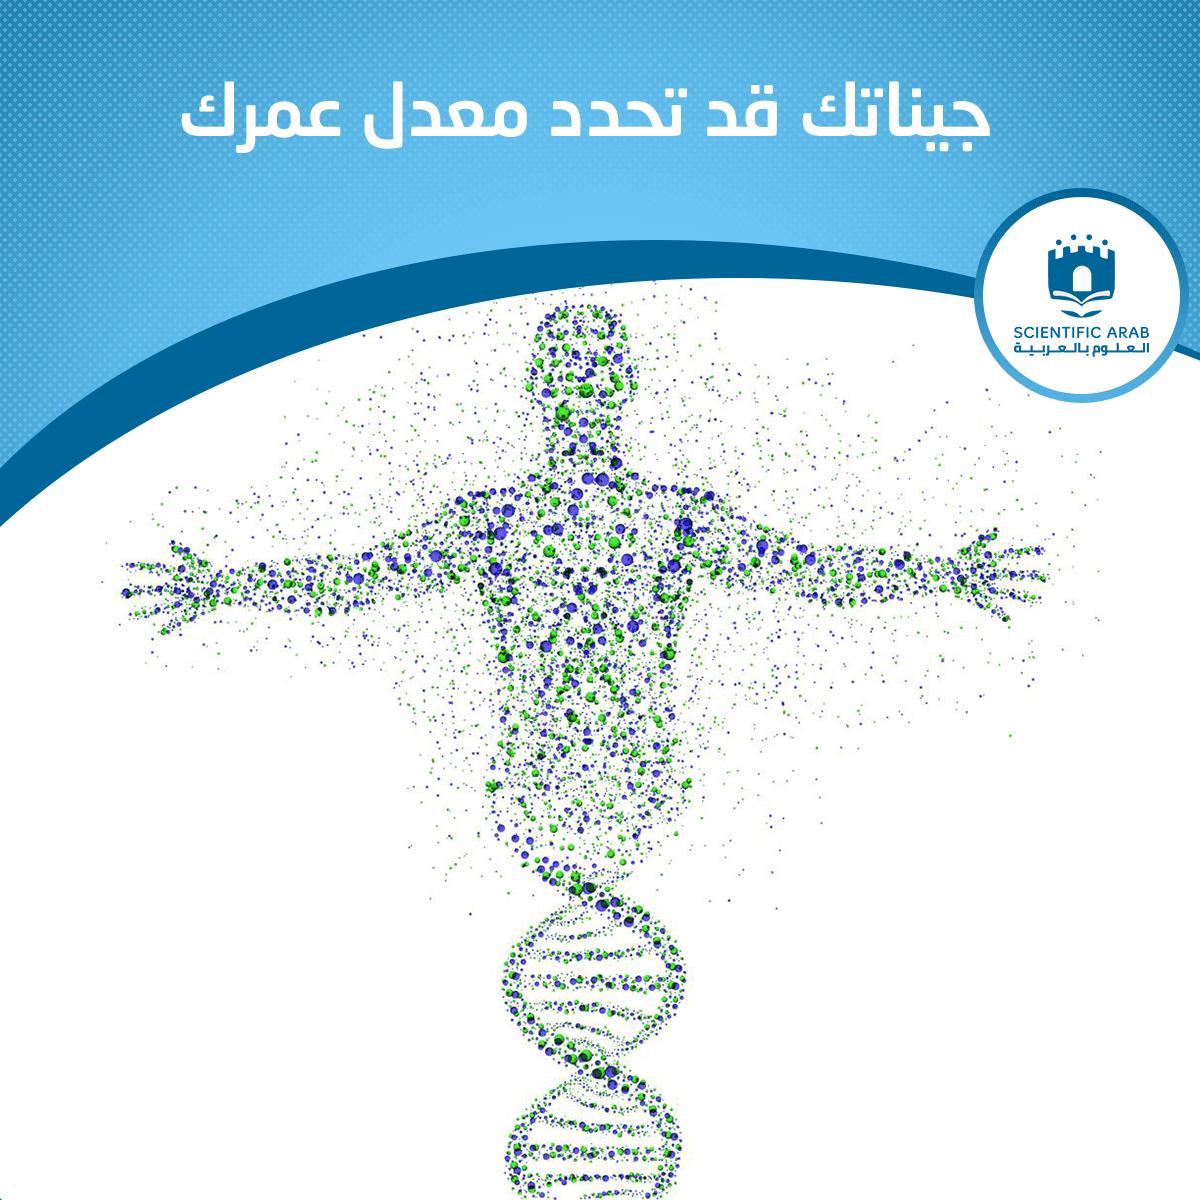 جينات, بيولوجي